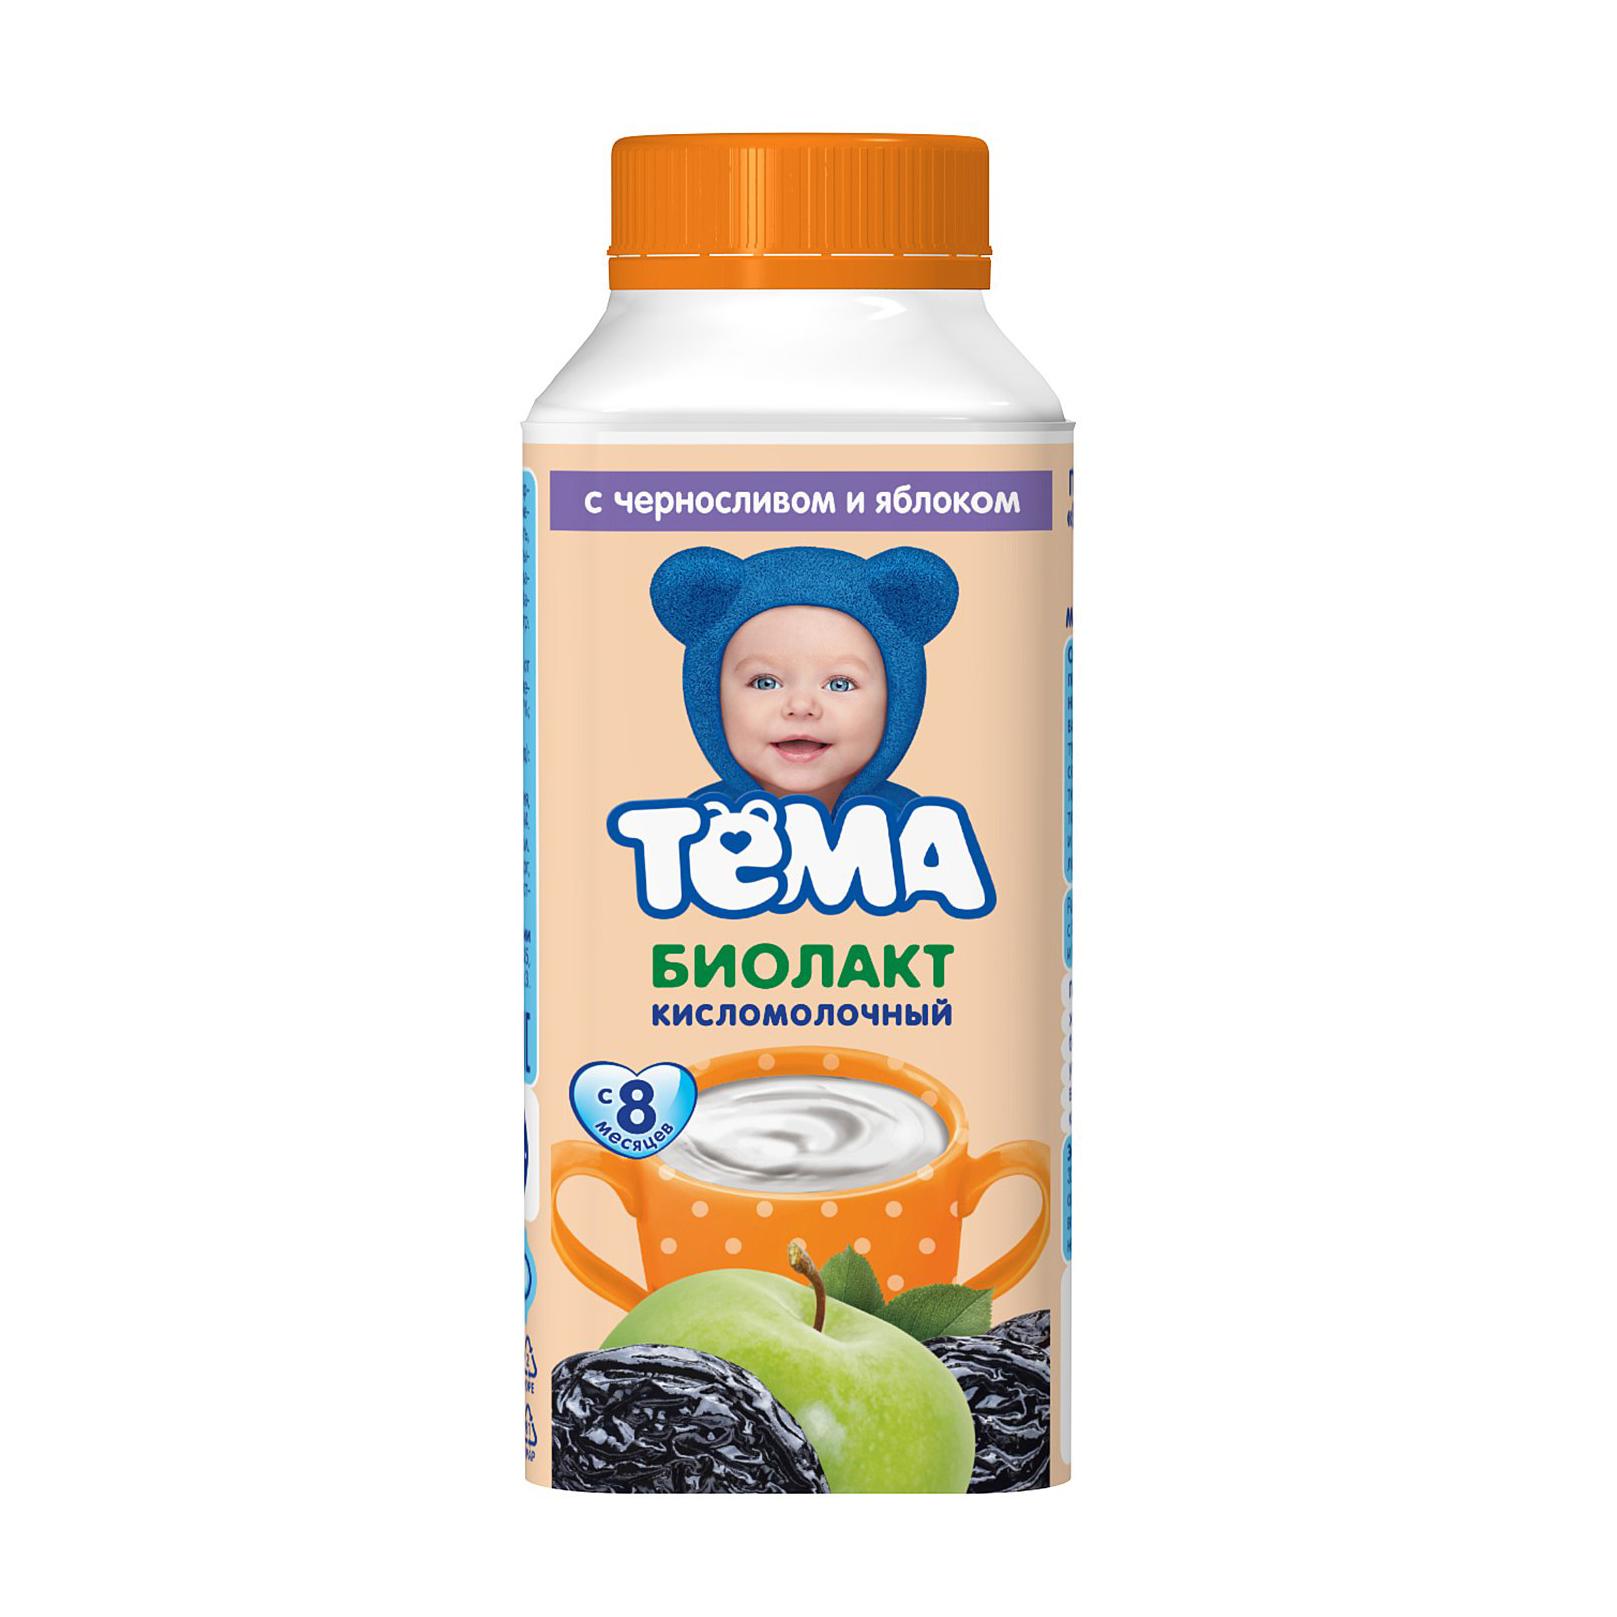 Фото - Биолакт детский Тема Чернослив Яблоко 3% 0,206 кг биолакт кисломолочный фрутоняня детский сладкий 3 2